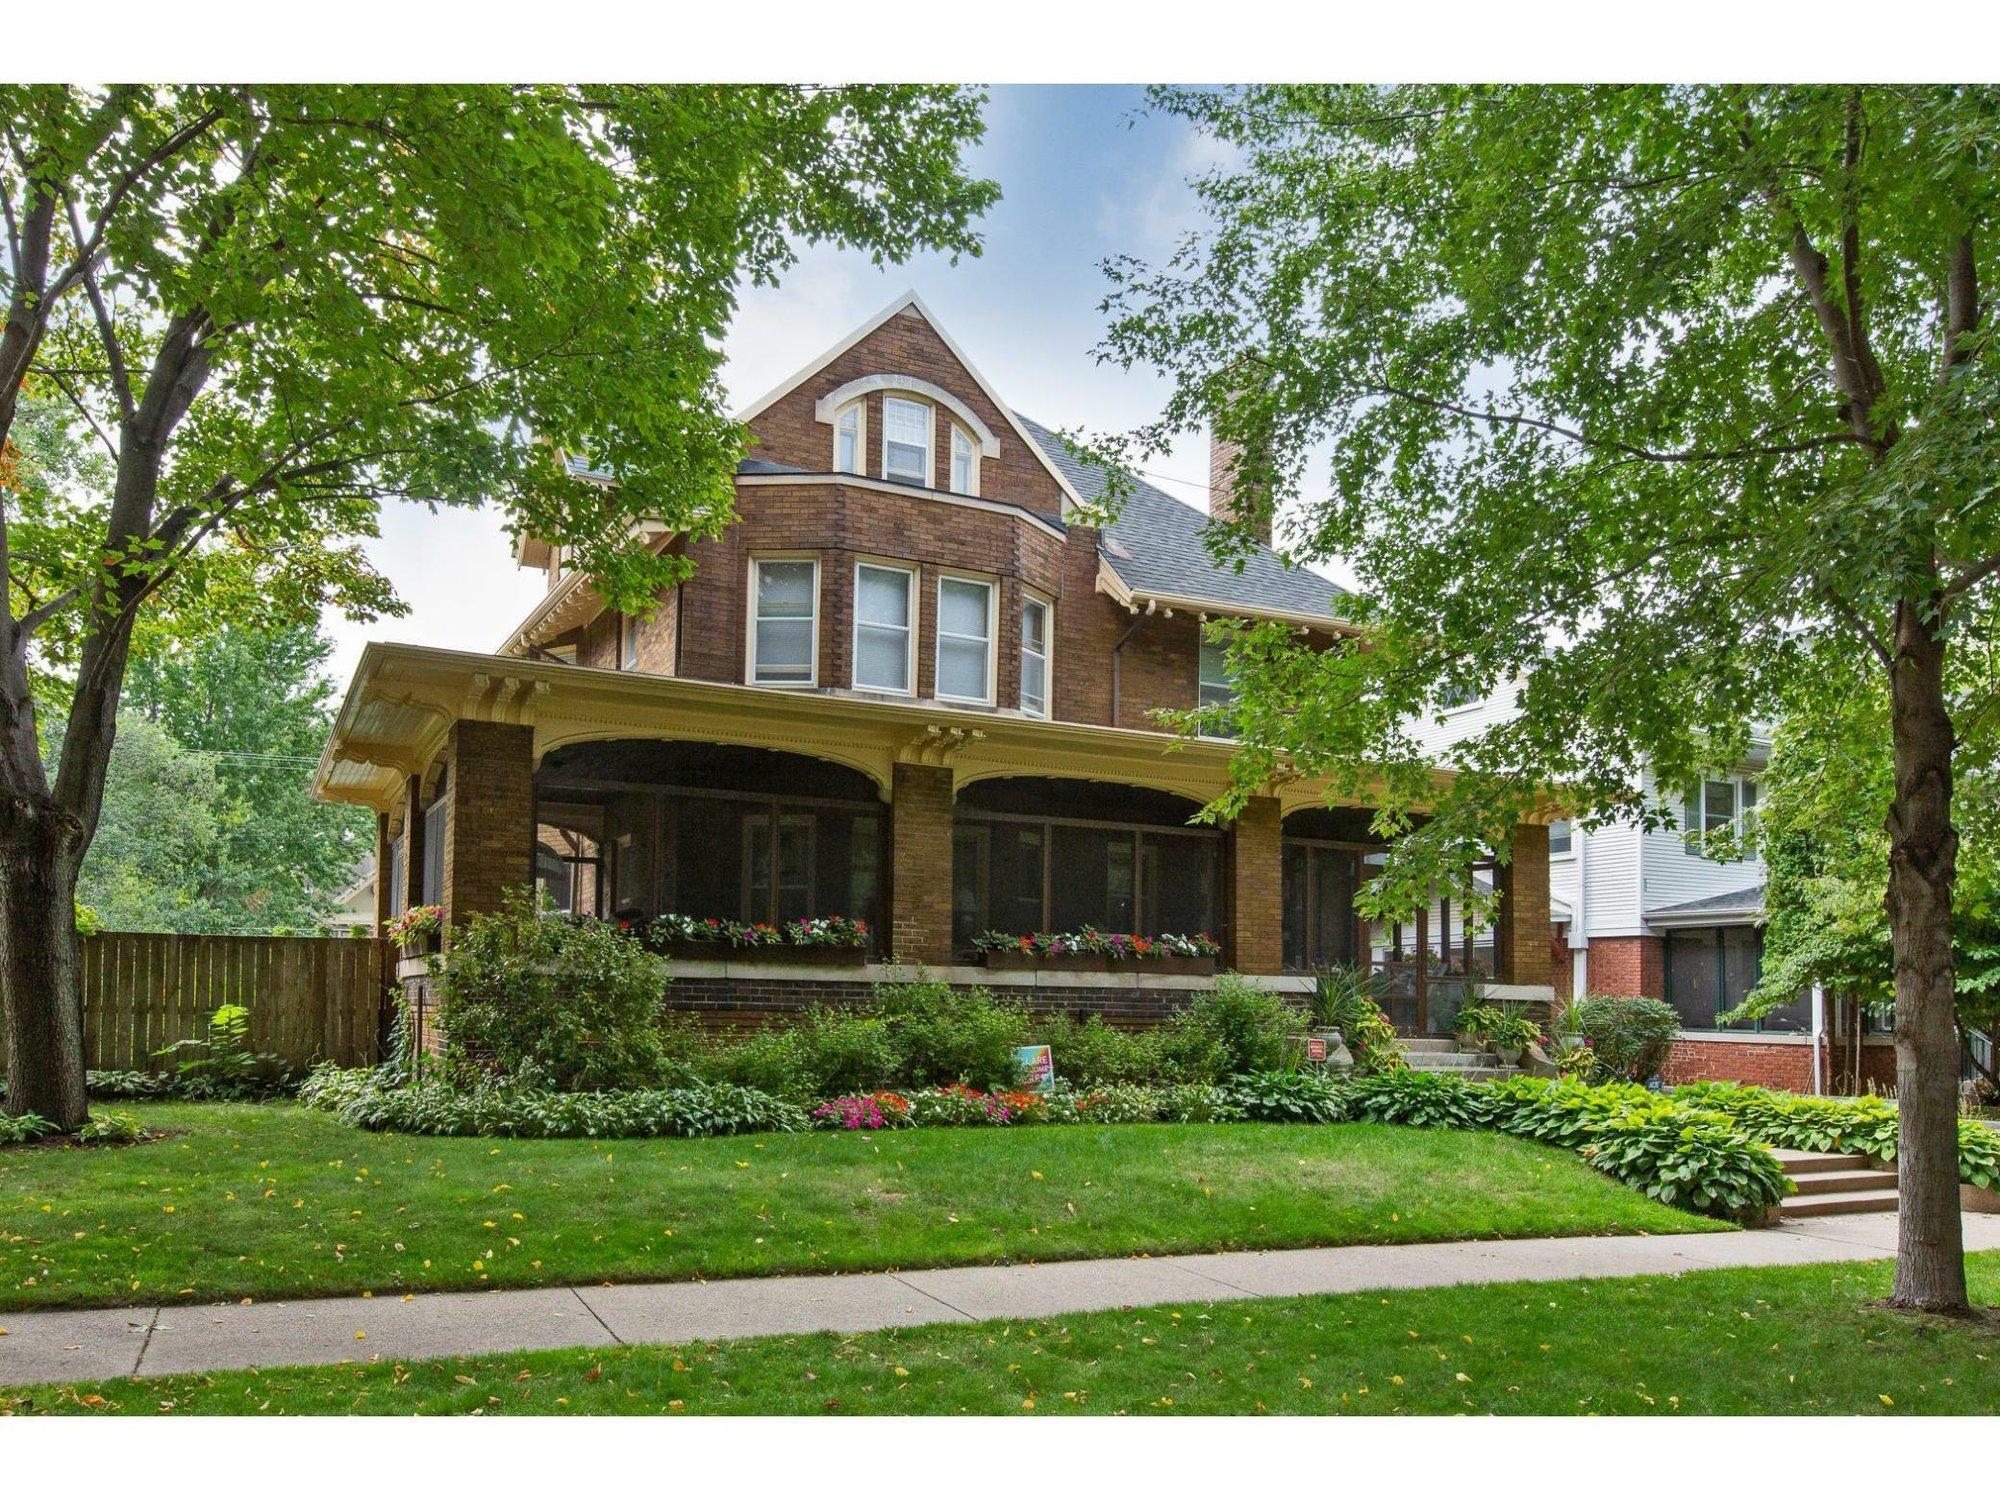 Дом в Saint Paul, Миннесота, Соединенные Штаты Америки 1 - 11613486